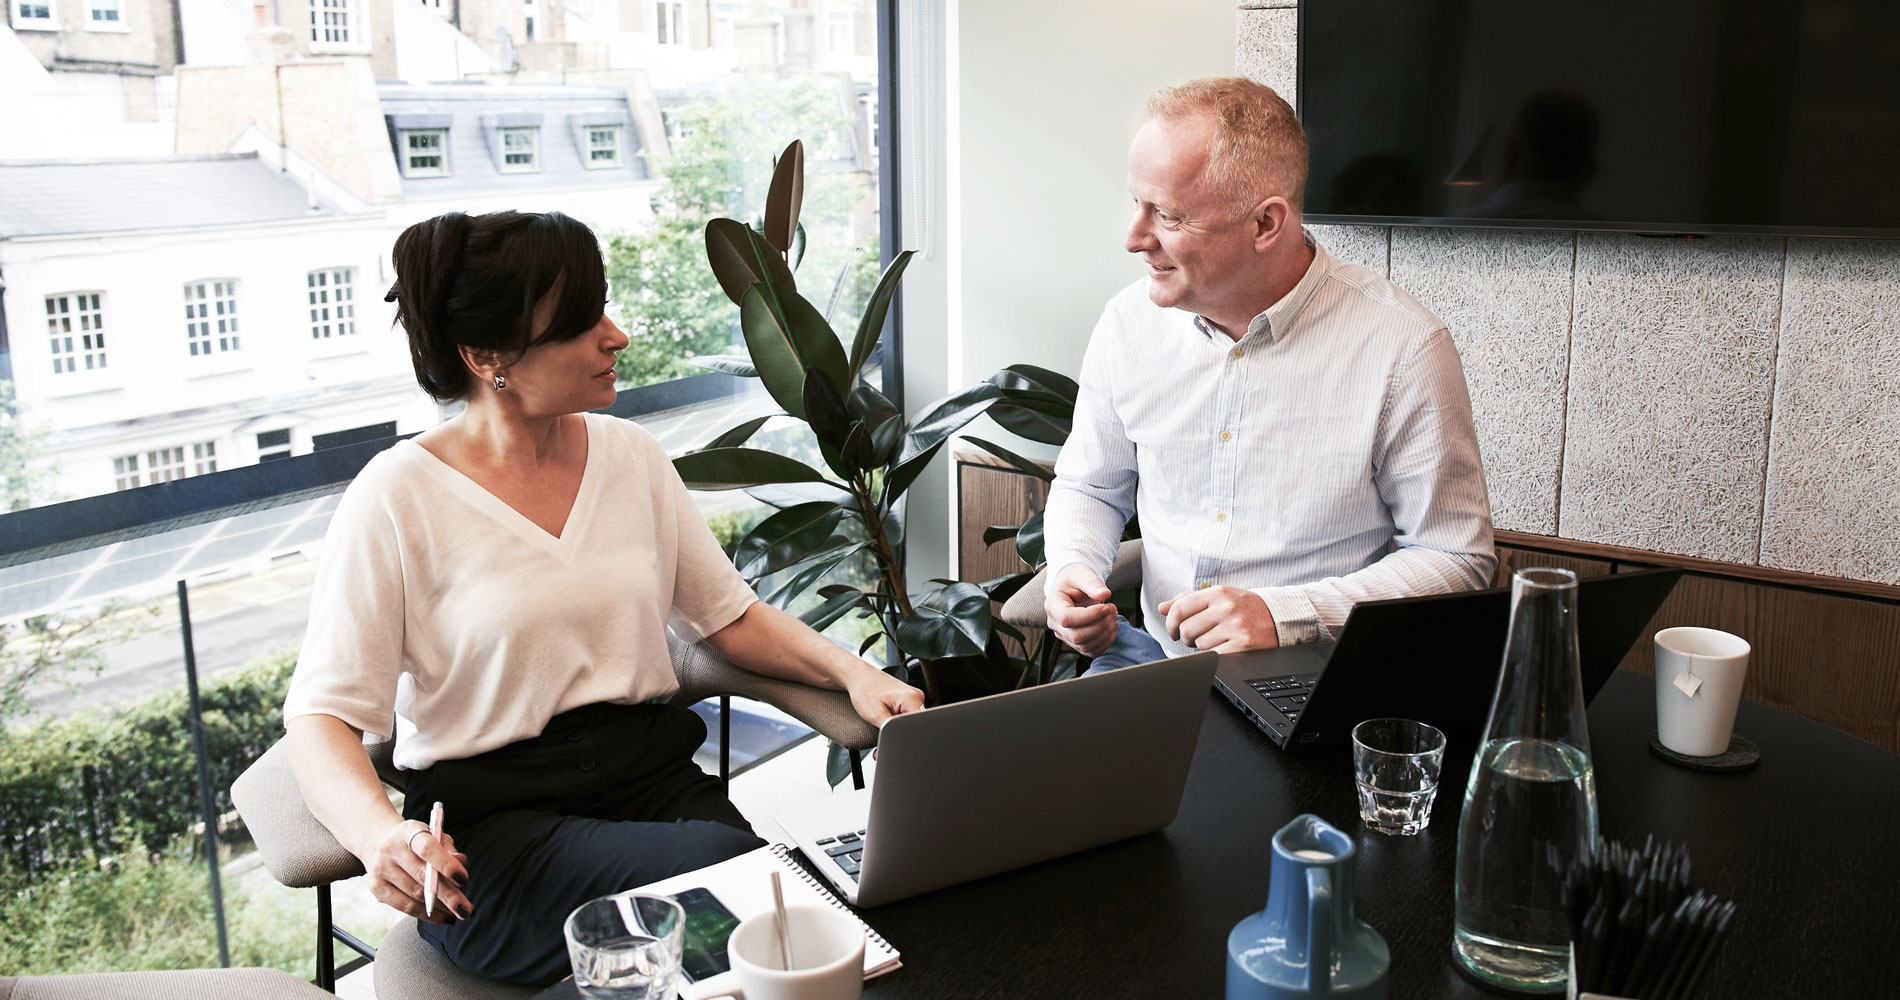 Zielvereinbarungskultur bei Mitarbeitern etablieren